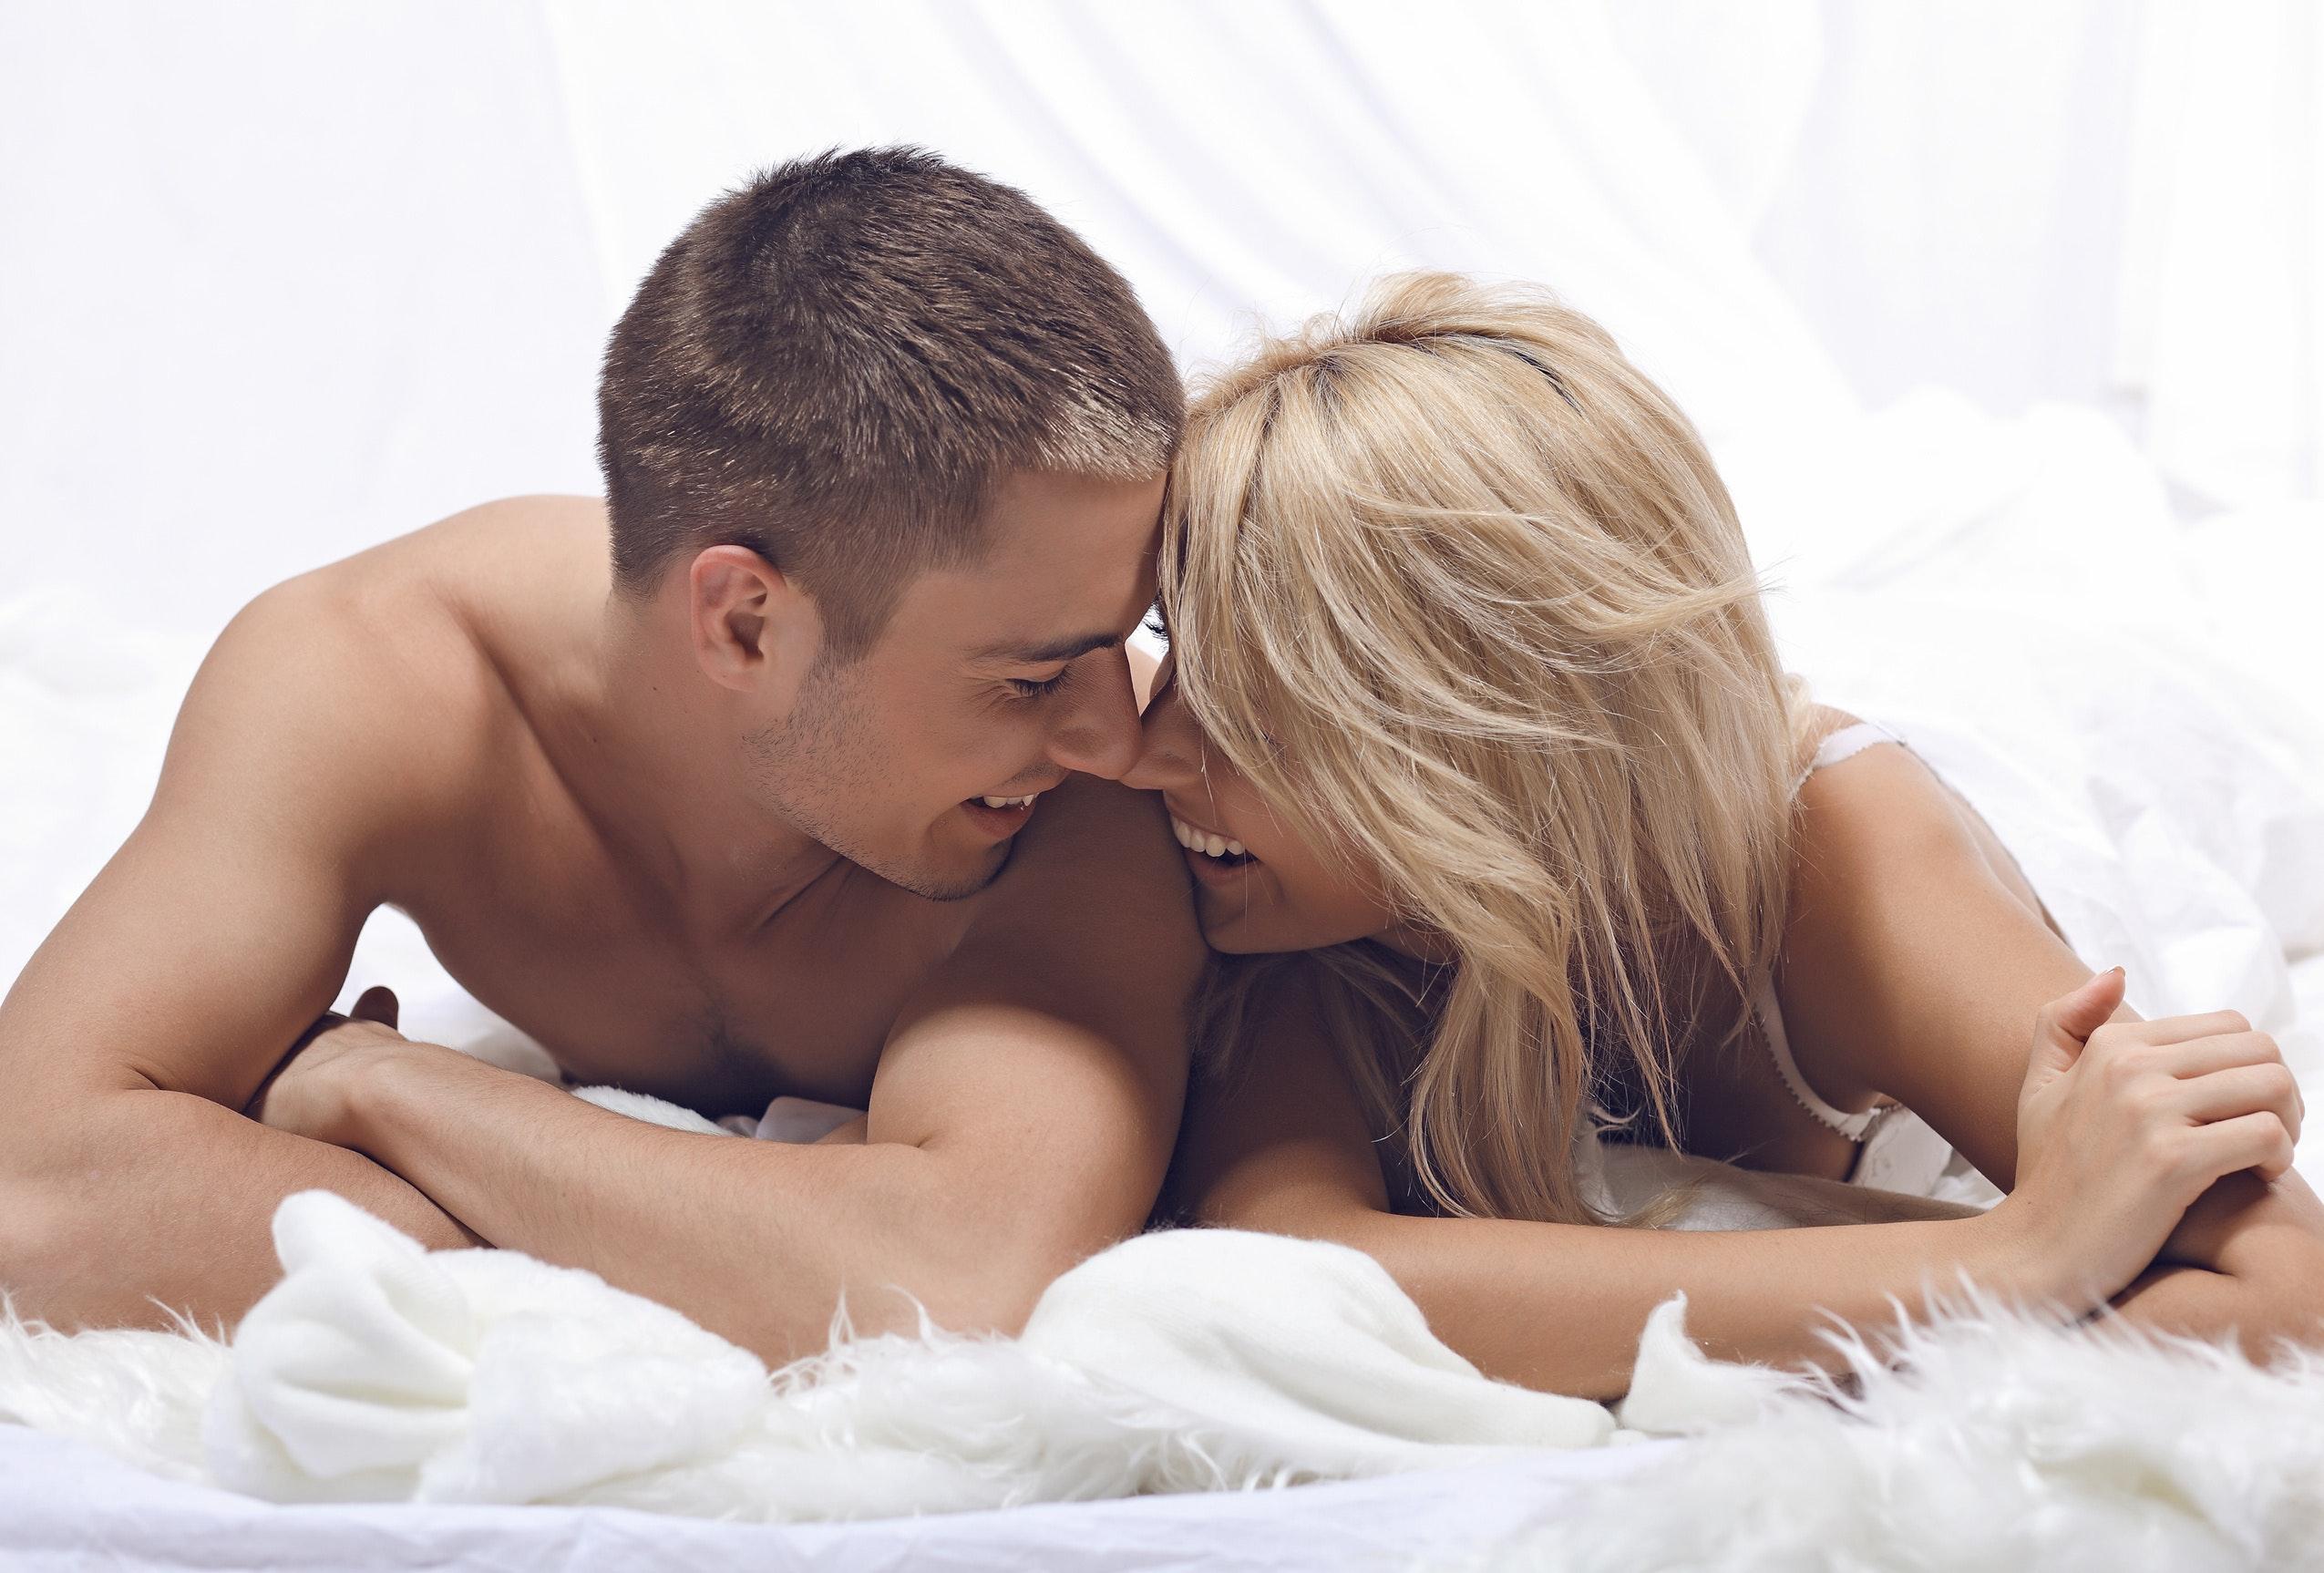 Conseils sexuels – Ce que les hommes peuvent apprendre des vibrateurs